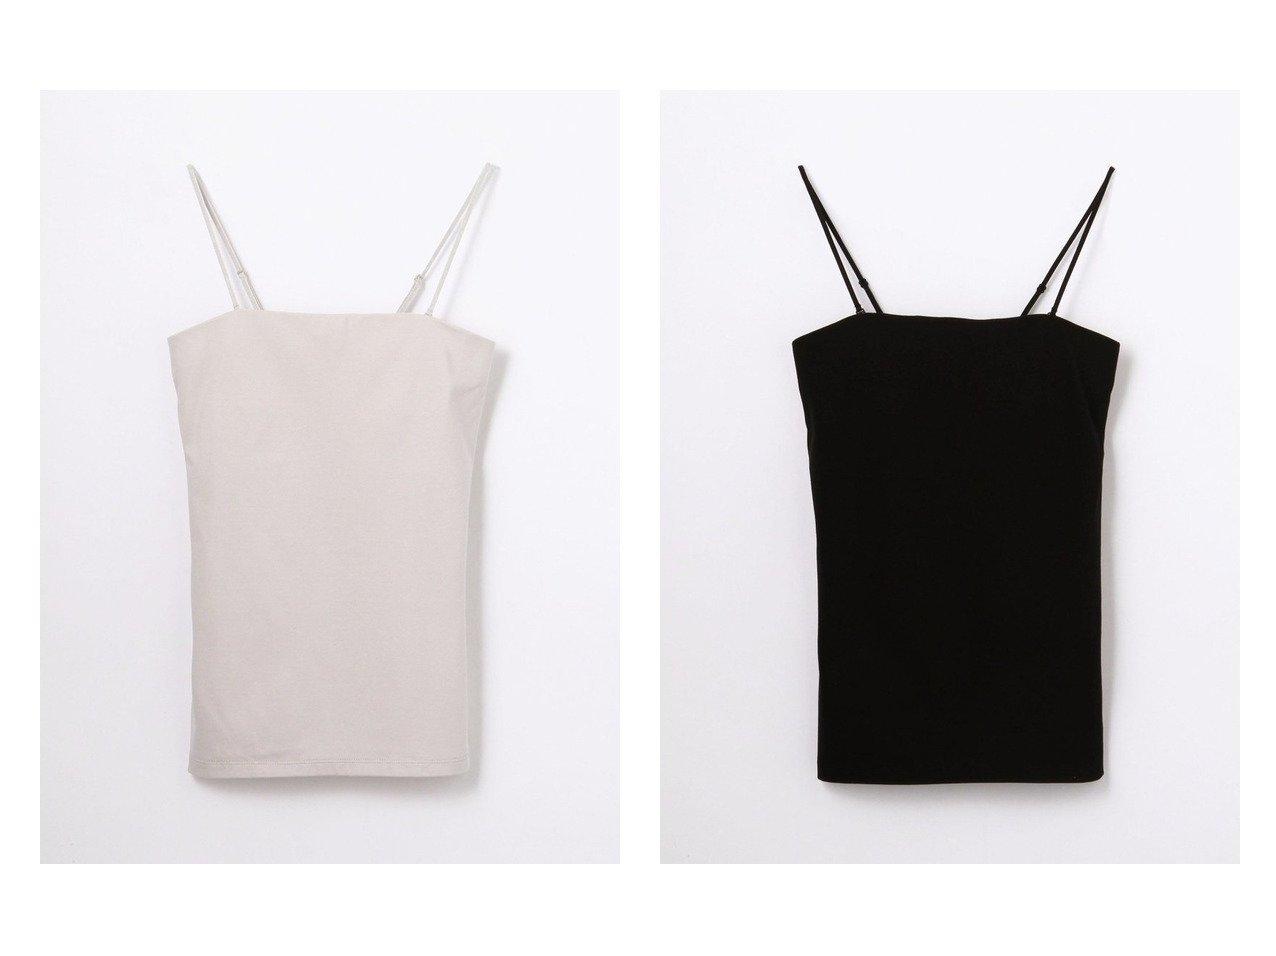 【TOMORROWLAND BALLSEY/トゥモローランド ボールジー】のコットンジャージー チューブトップ TOMORROWLANDのおすすめ!人気、トレンド・レディースファッションの通販  おすすめで人気の流行・トレンド、ファッションの通販商品 メンズファッション・キッズファッション・インテリア・家具・レディースファッション・服の通販 founy(ファニー) https://founy.com/ ファッション Fashion レディースファッション WOMEN トップス カットソー Tops Tshirt カットソー Cut and Sewn インナー カットソー ジャージー チューブ  ID:crp329100000020262